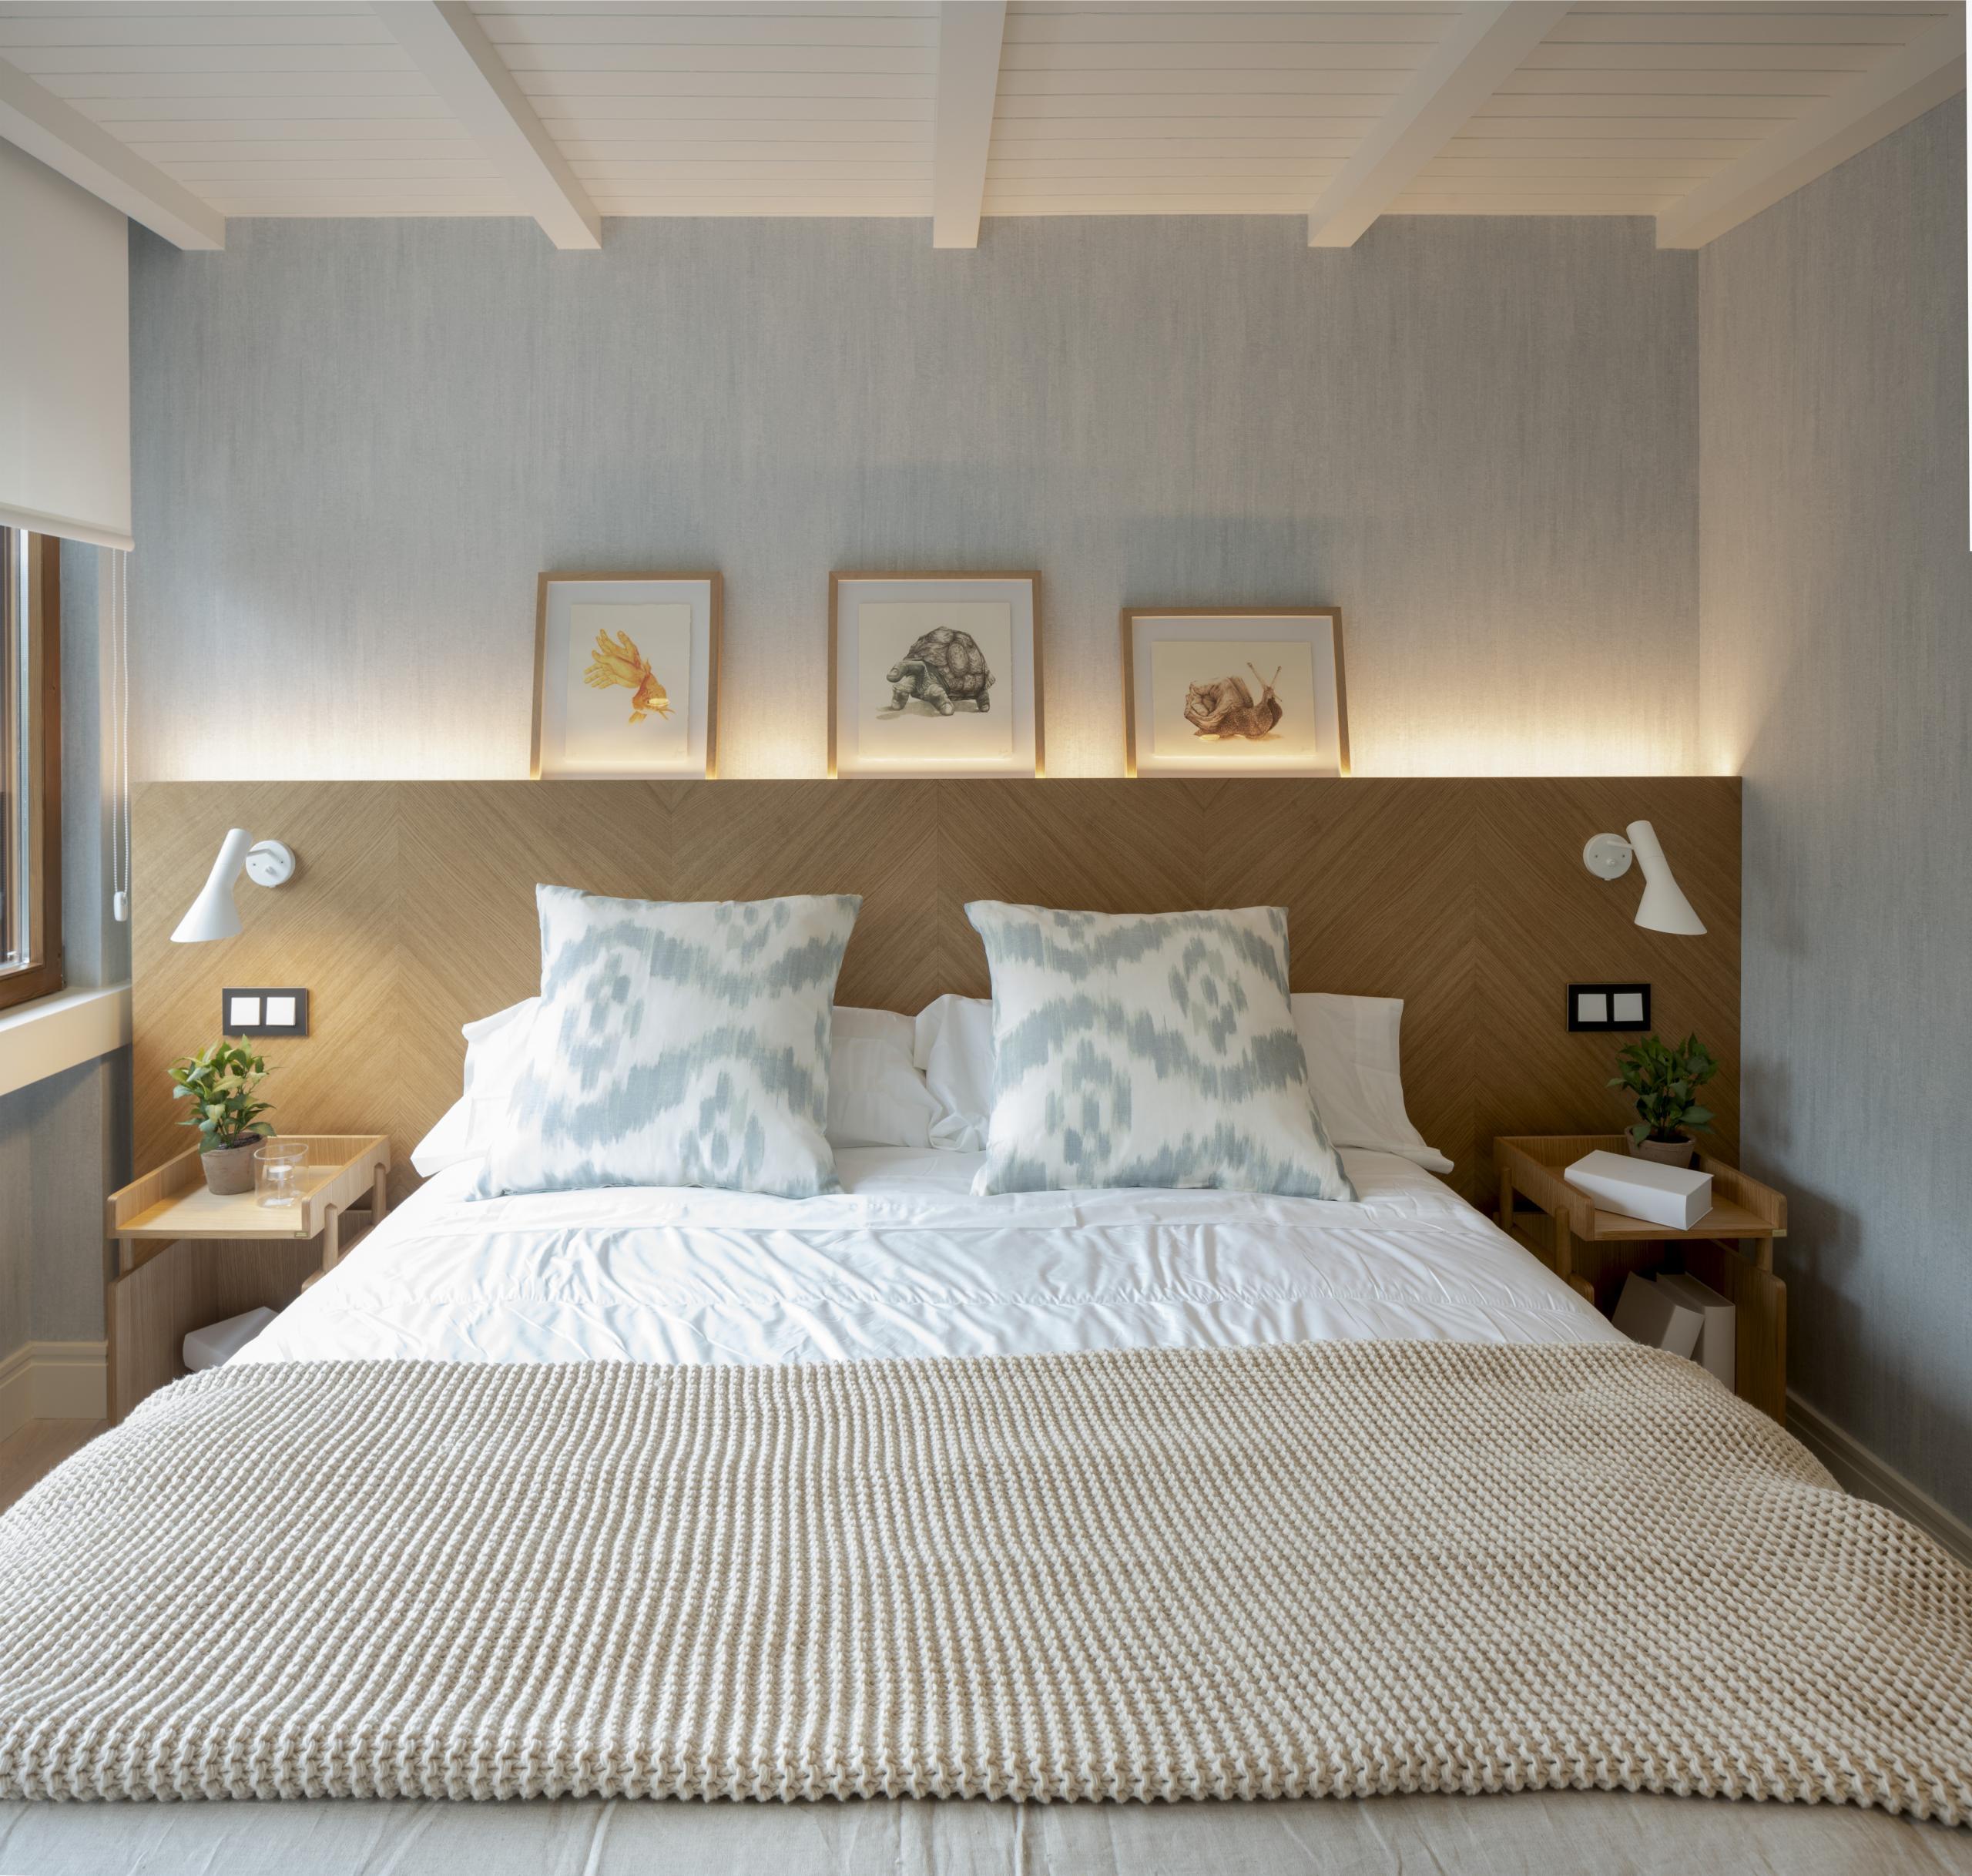 Diseño interior de dormitorio con cabecero de madera